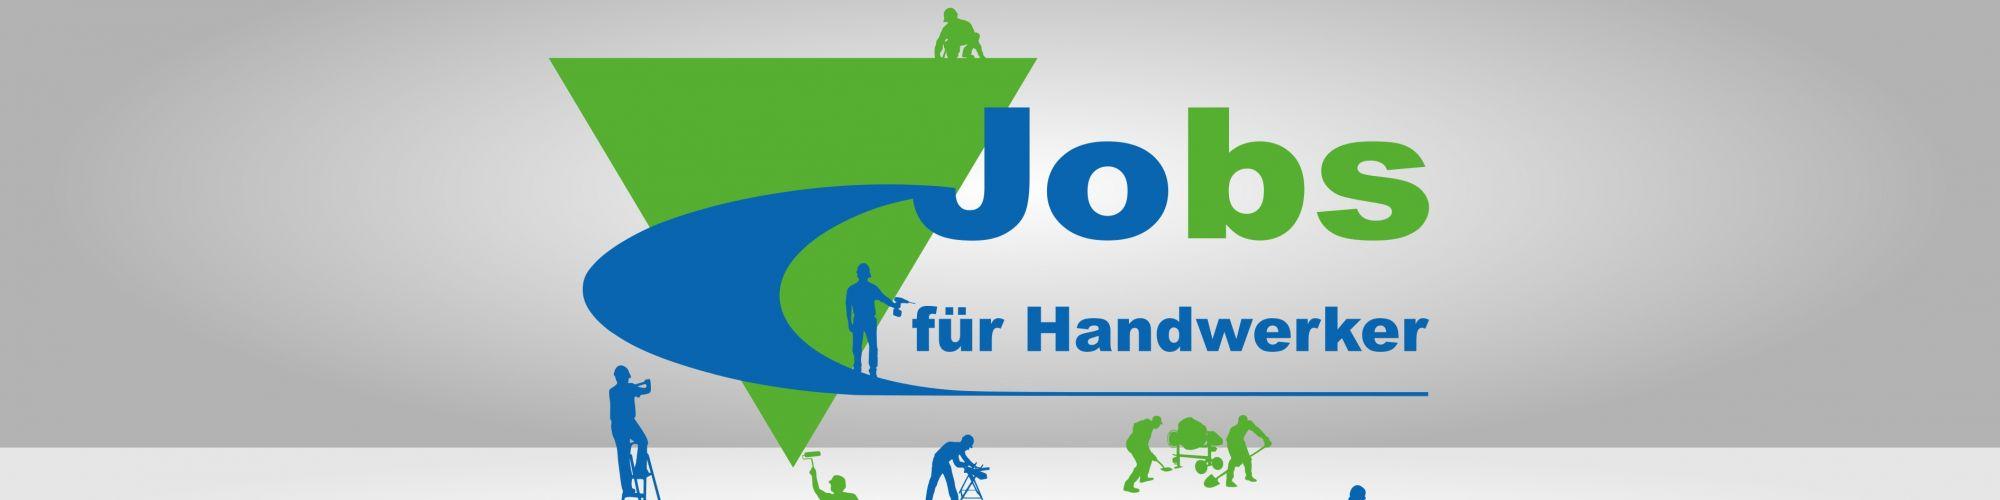 Jobs Für Handwerker Gmbh Mapmeocom Jobbörse